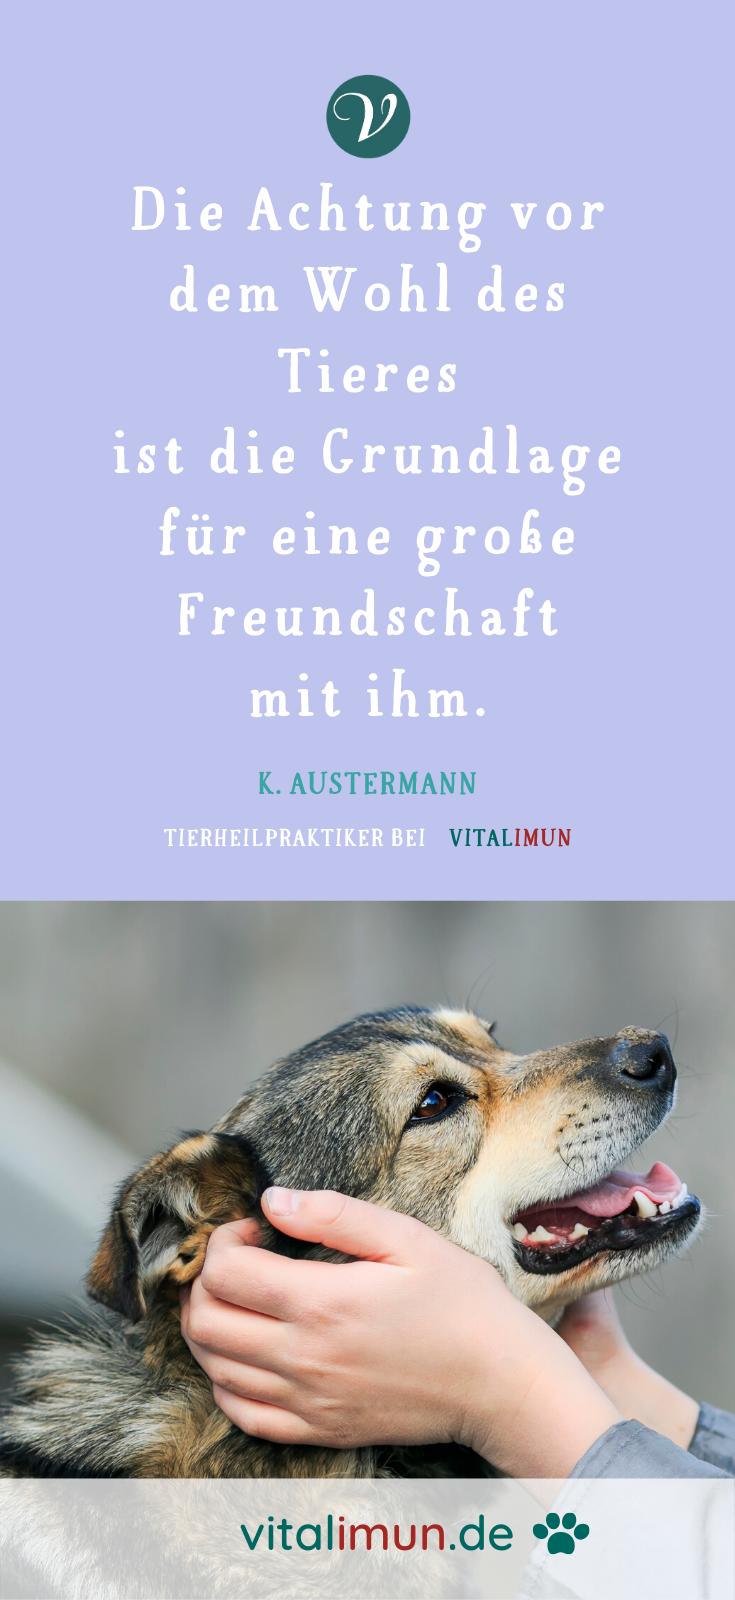 Achtsamkeit Und Fursorge Fur Deinen Hund Mit Krautern Bei Krankheit Naturlich Helfen Zitat In 2020 Tierheilpraktiker Hunde Magen Und Darm